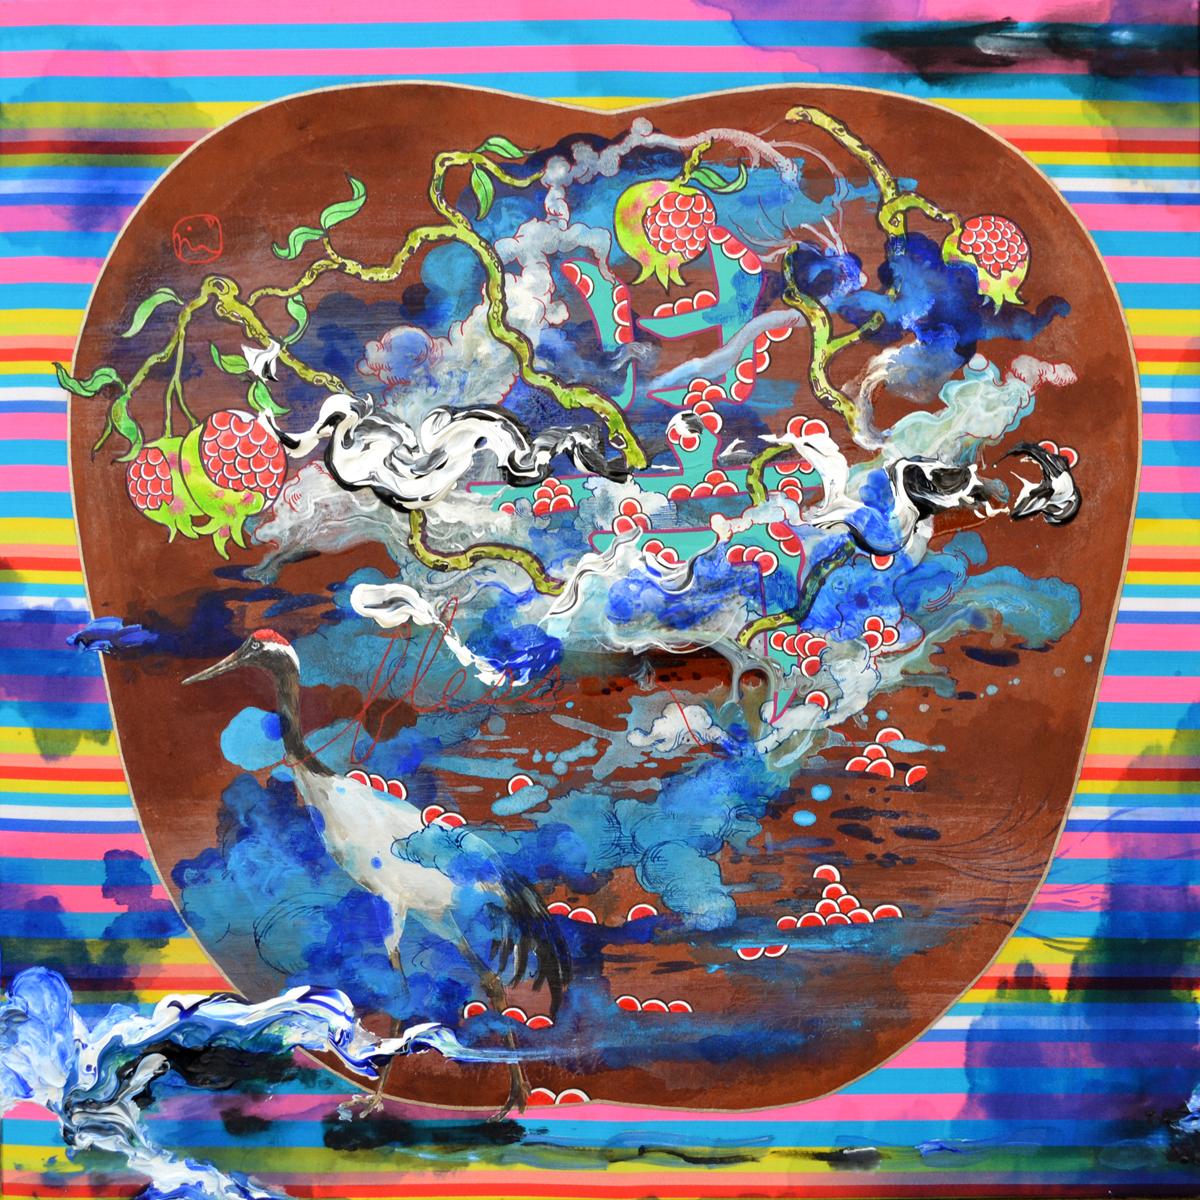 """Jiha Moon  Bok, Bless Your Heart , 2013 Ink, acrylic on Hanji paper on fabric mounted onto wood panel 18"""" x 18"""""""